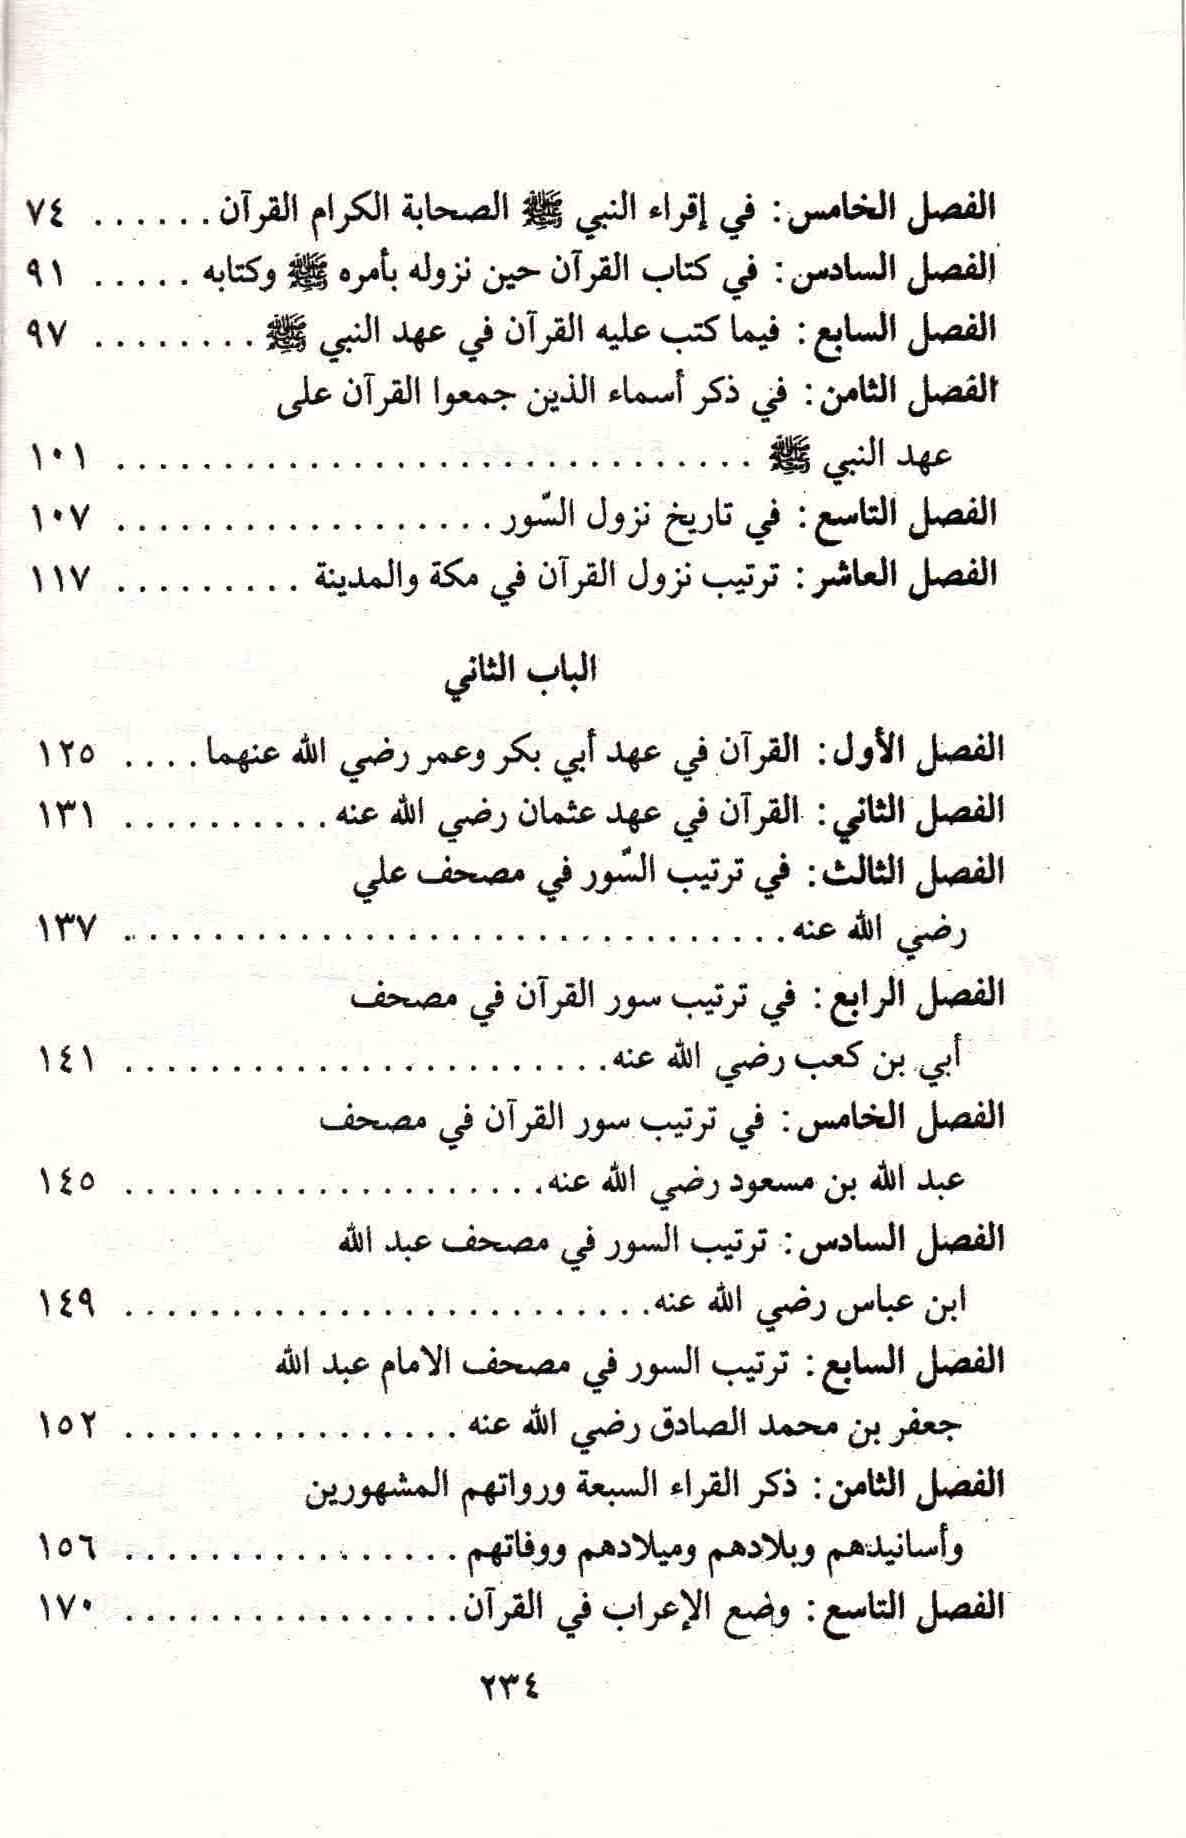 ص 234 محتويات كتاب تاريخ القرآن